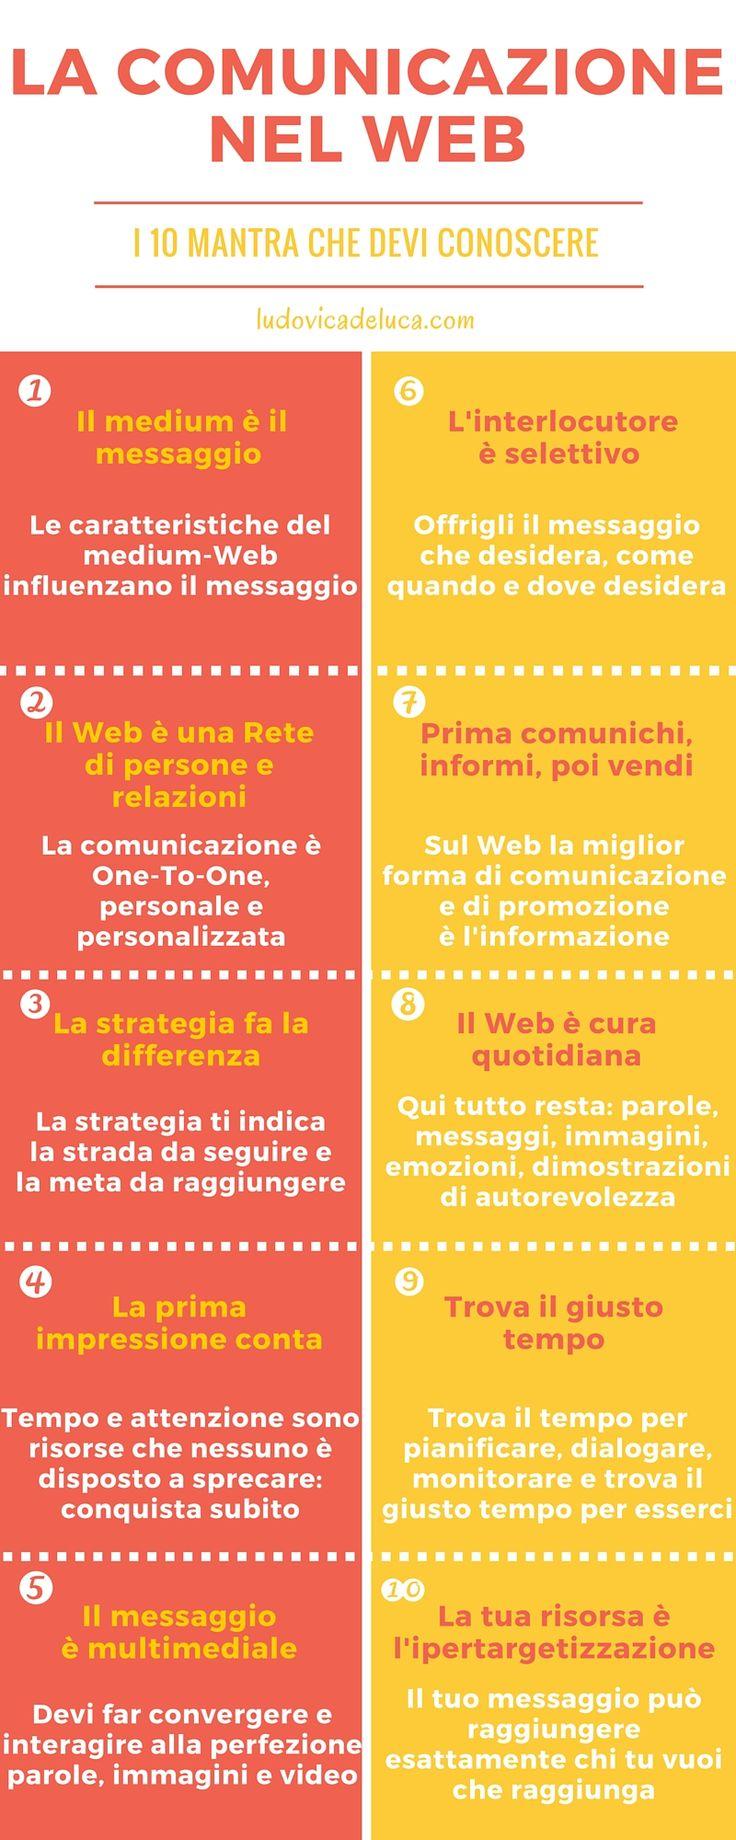 La Comunicazione nel Web - I 10 mantra che devi conoscere --> http://ludovicadeluca.com/2200/i-10-mantra-della-comunicazione-nel-web/  #infografica #blogging #webcommunication